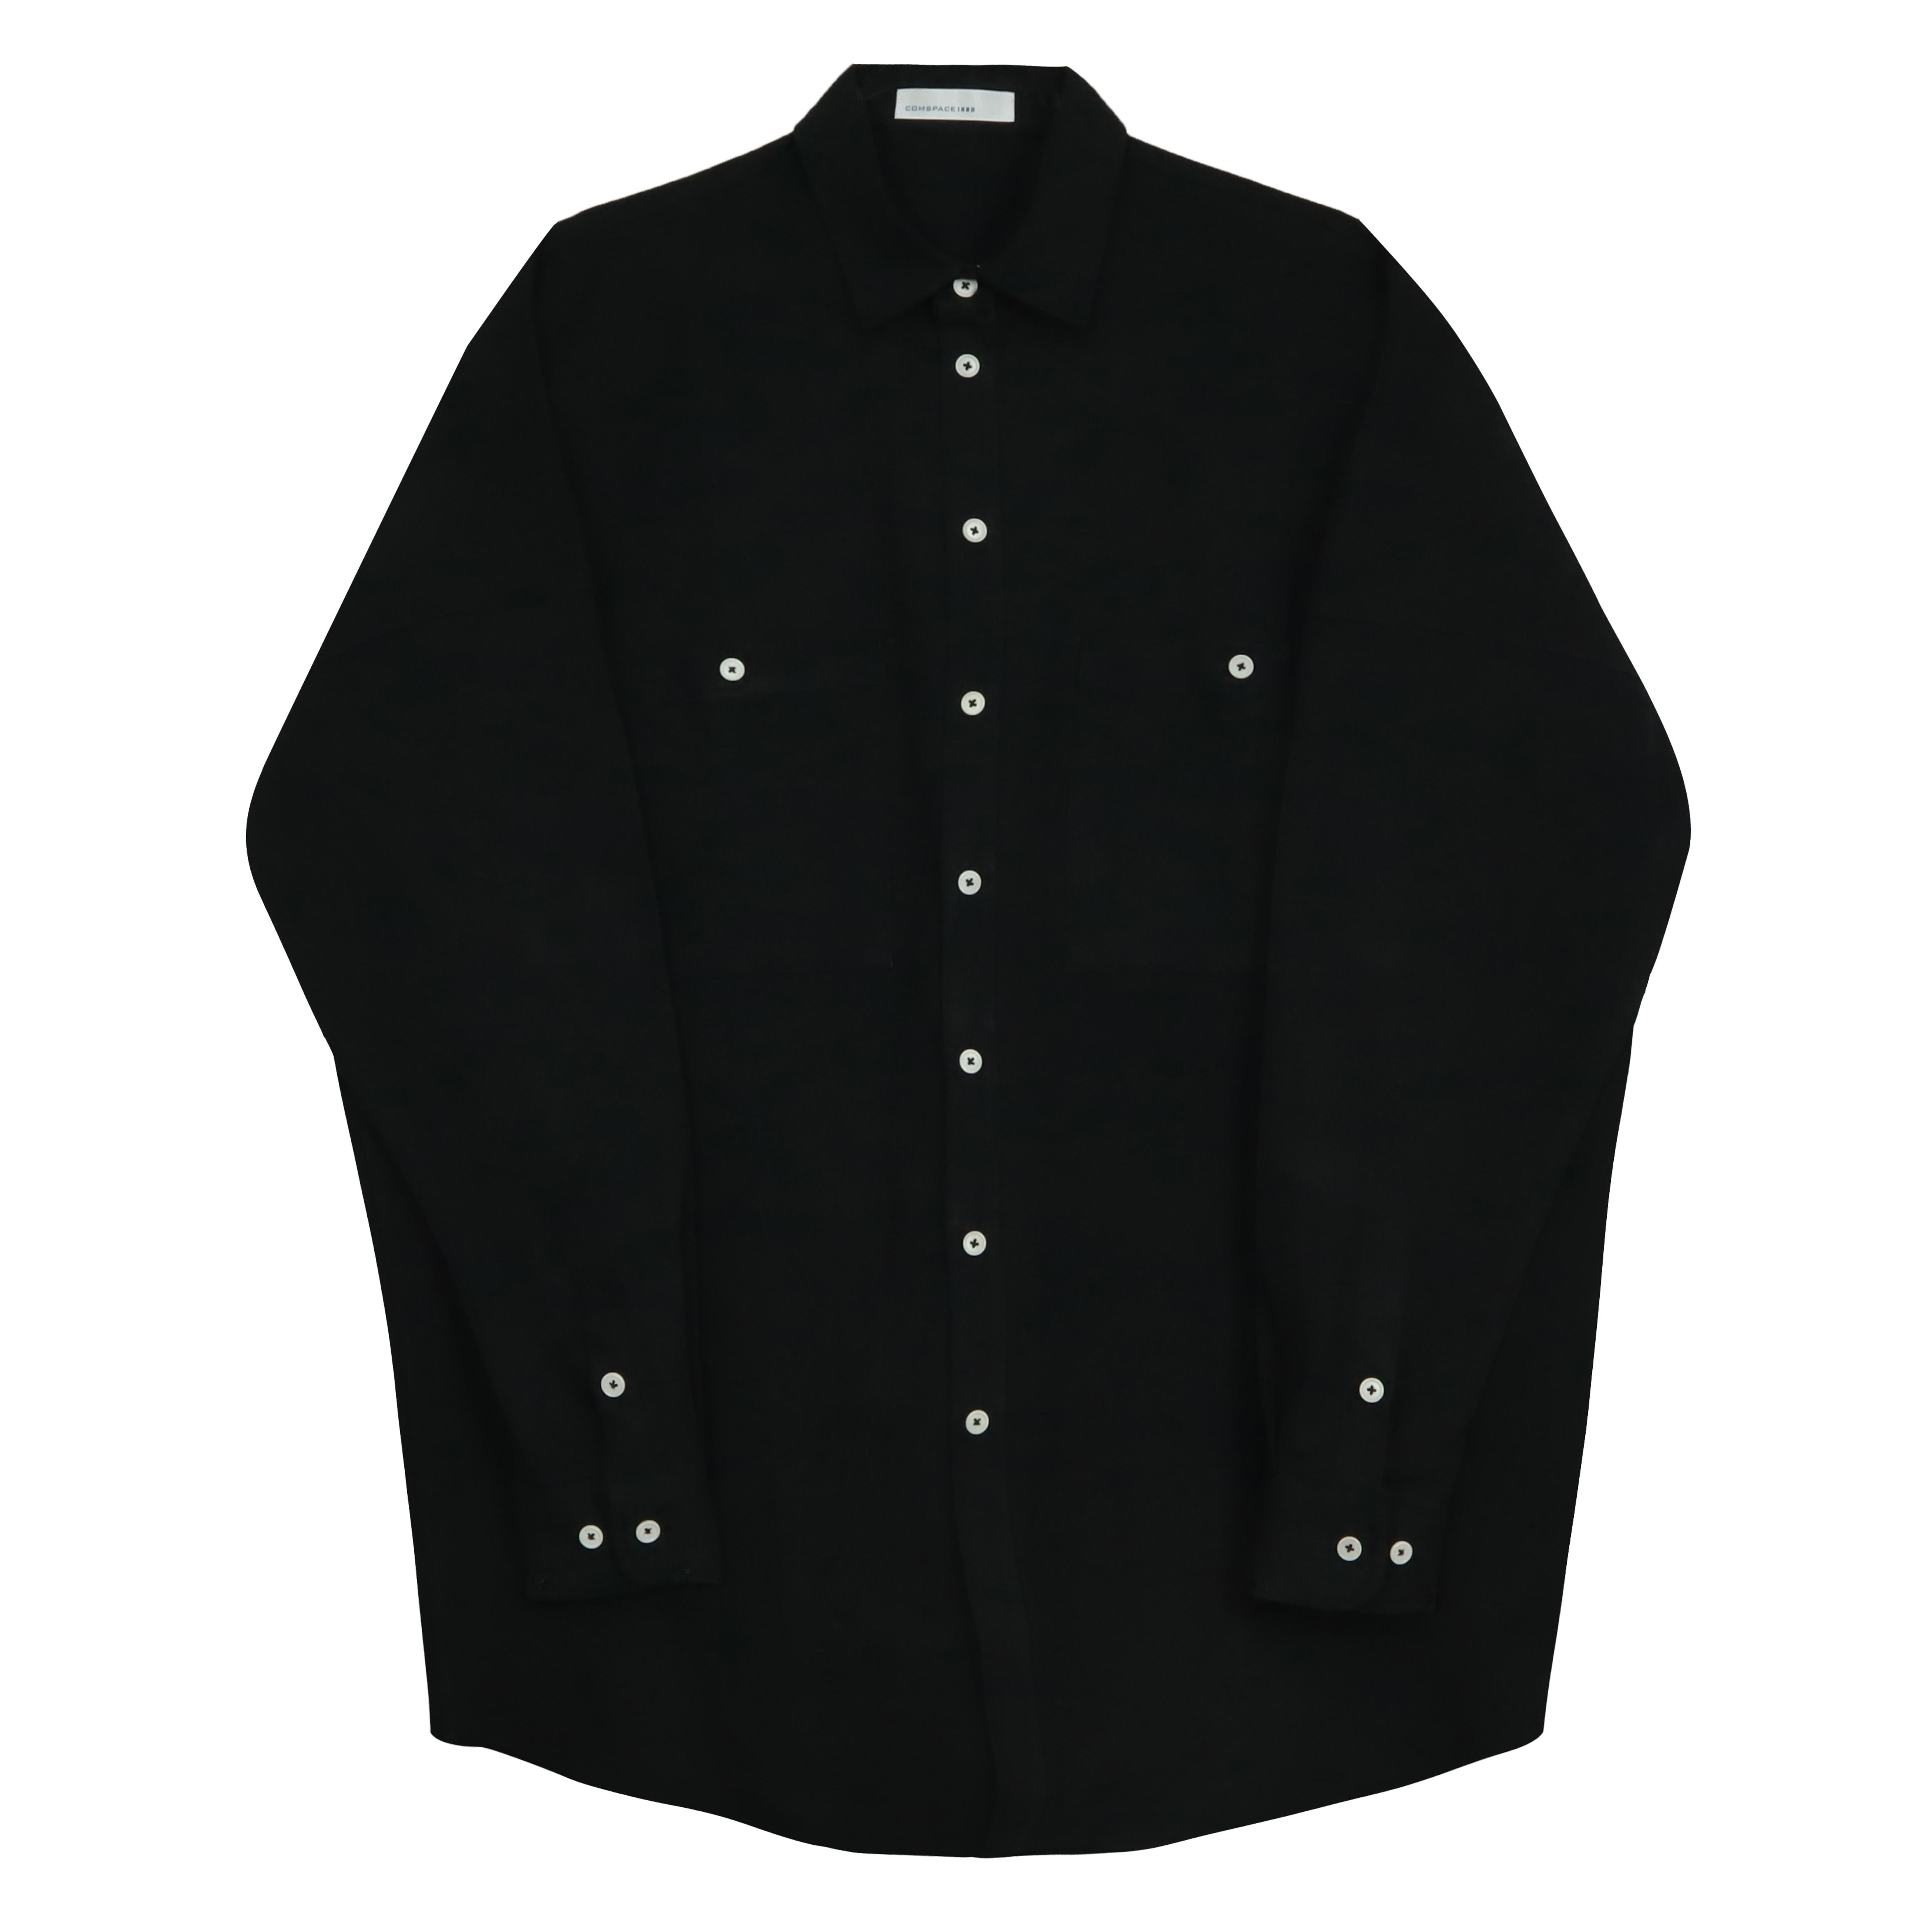 포켓 아웃라인 포인트 셔츠 블랙